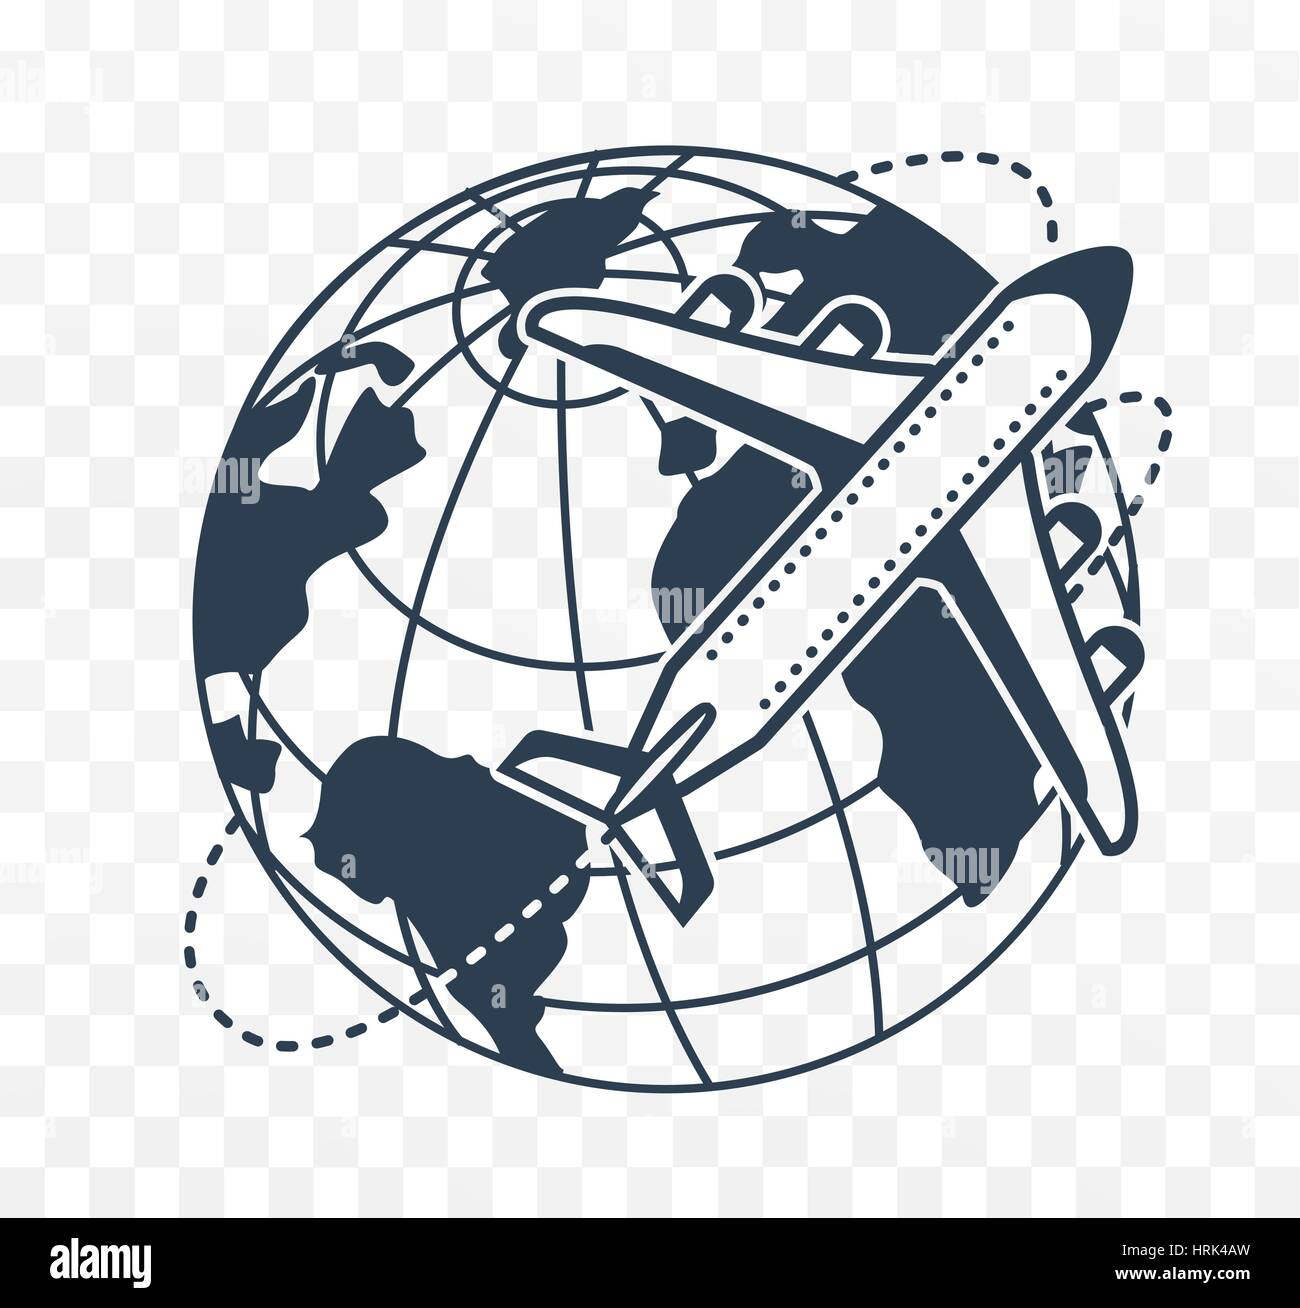 Silueta de icono de un avión en el fondo la tierra Imagen De Stock